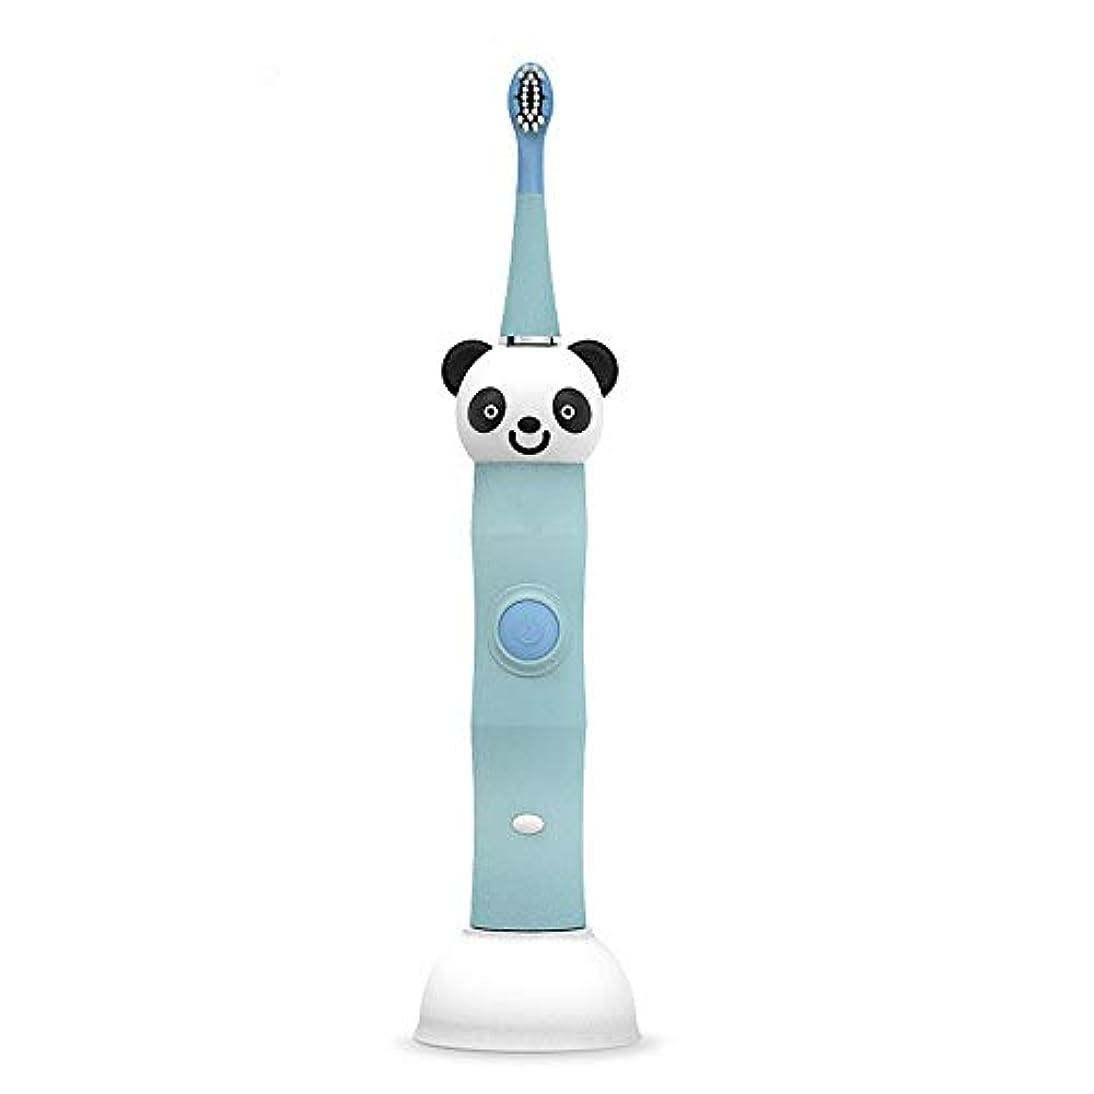 問題ソース安全電動歯ブラシ 毎日の使用のためのUSBの充満基盤の柔らかい毛のきれいな歯ブラシと防水子供の電動歯ブラシ 大人と子供向け (色 : 青, サイズ : Free size)